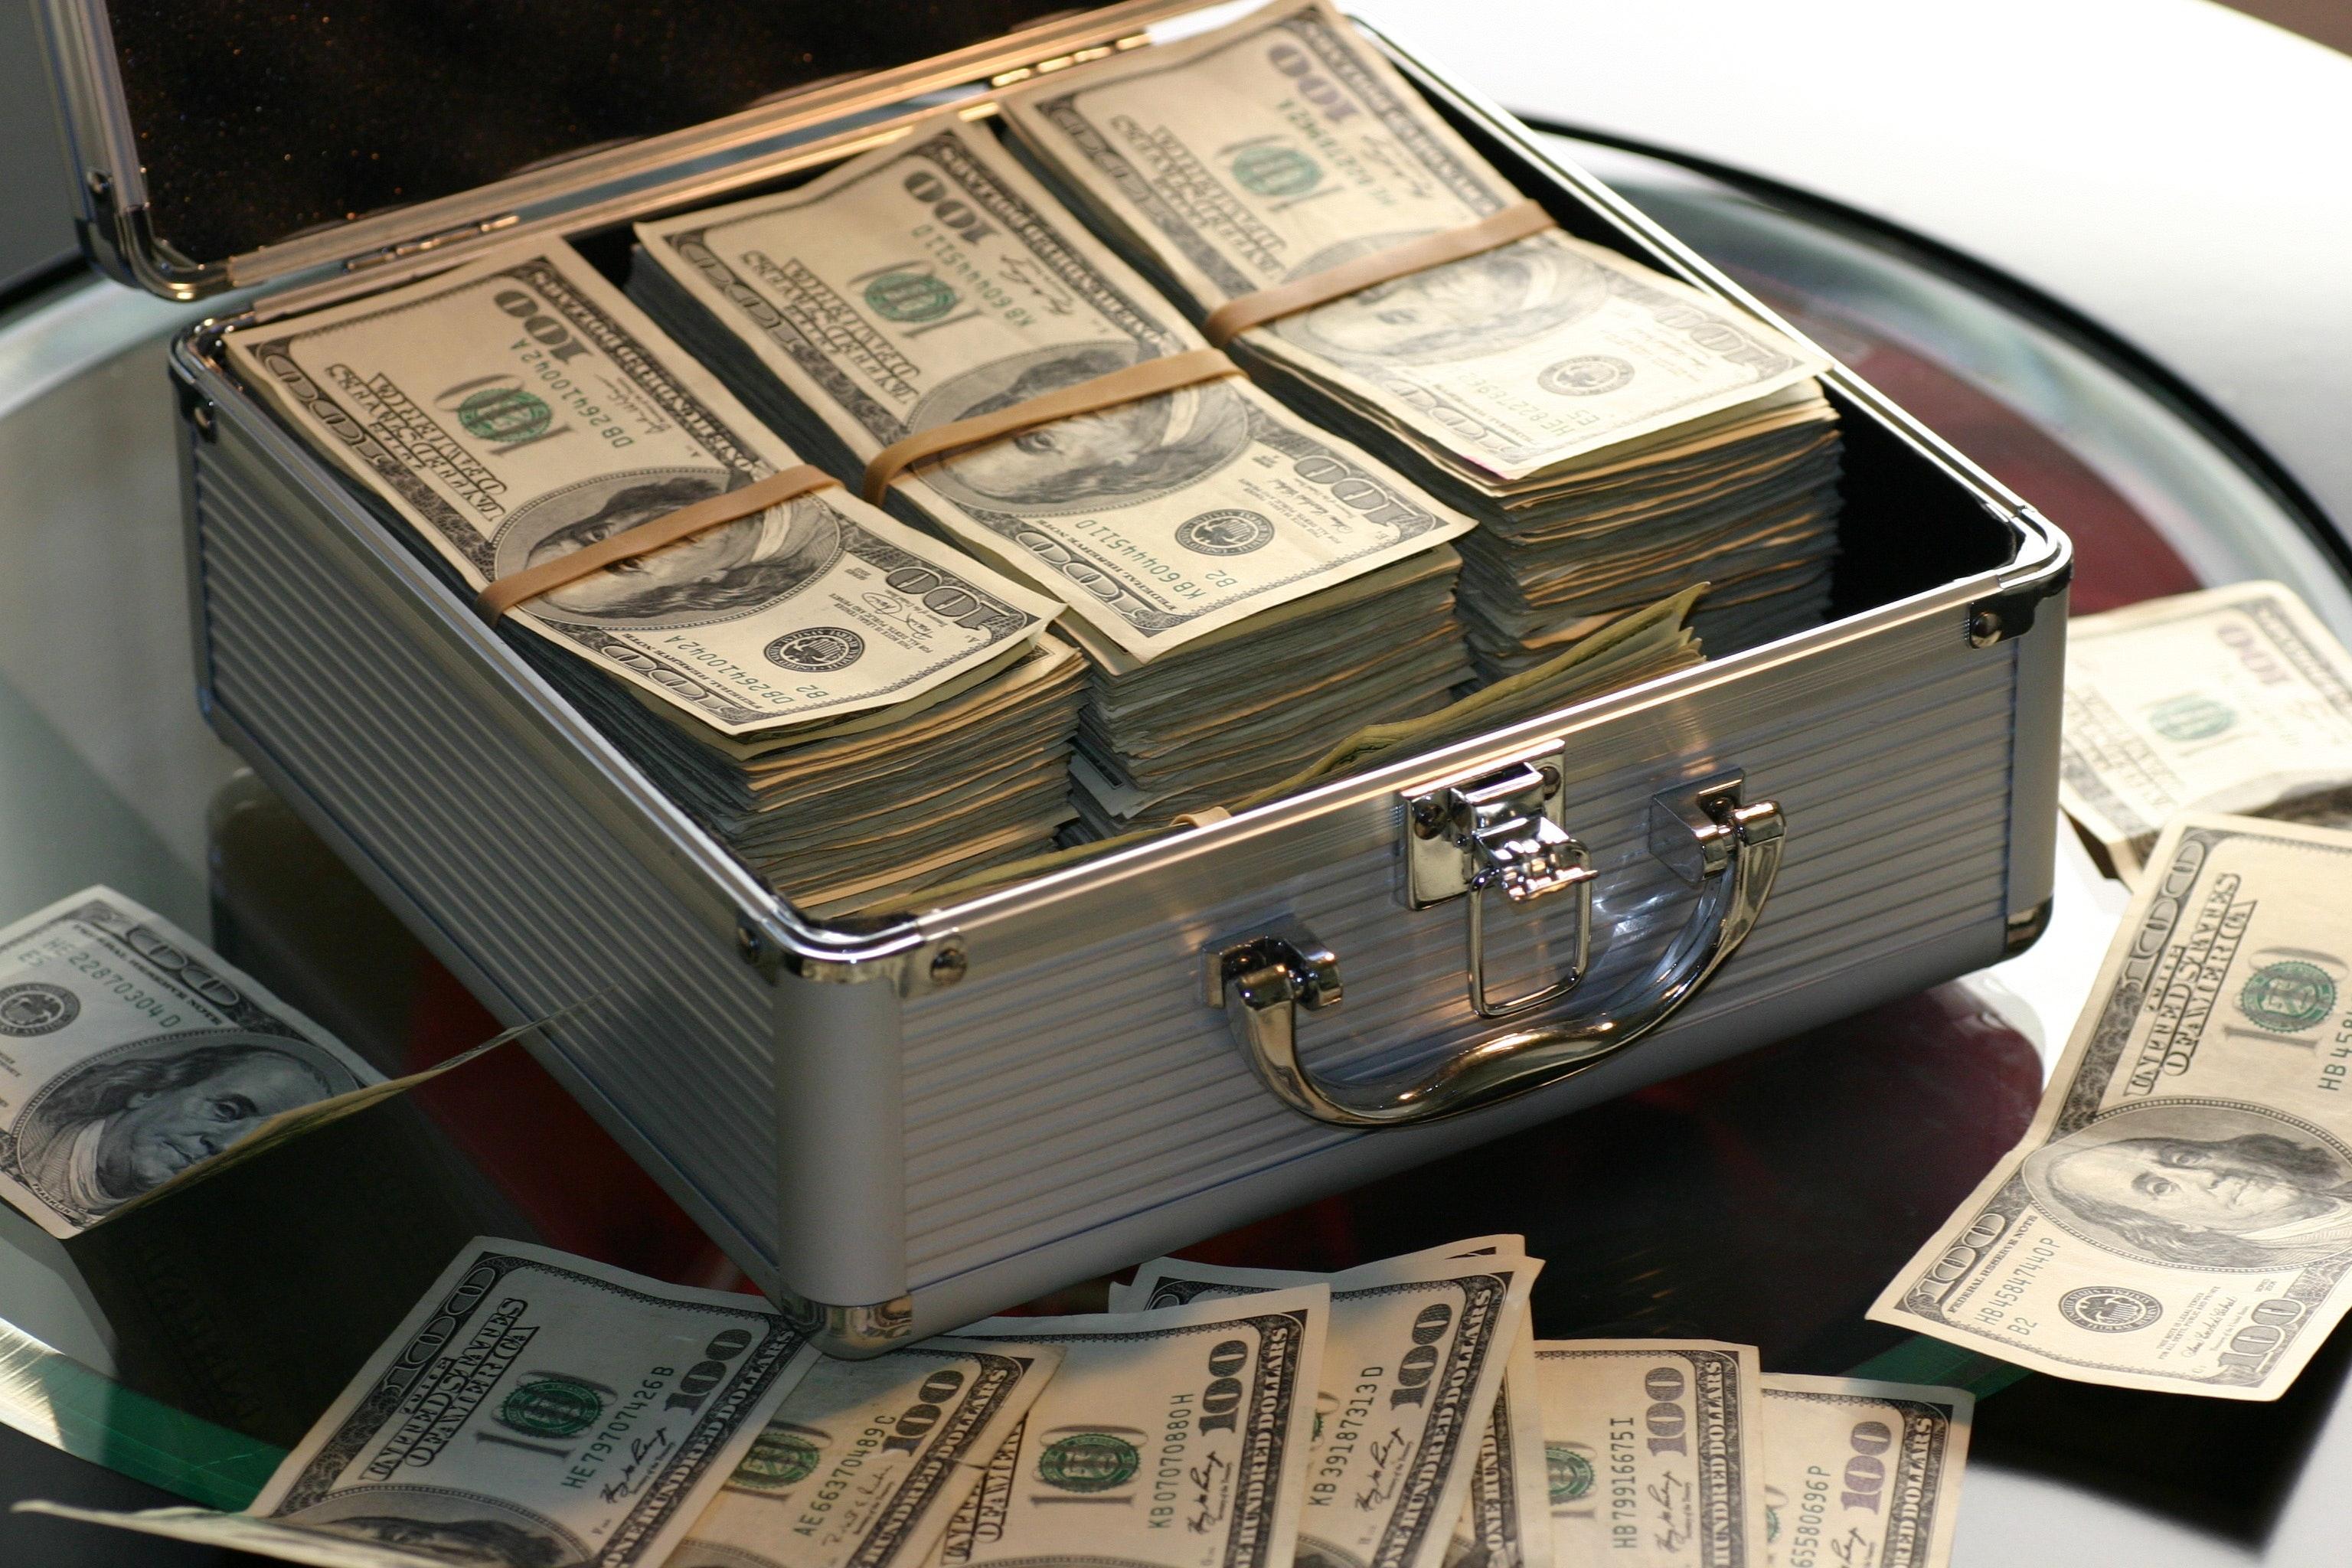 pénz, hogyan lehet gazdagodni és meggazdagodni milyen trendvonalakról beszélnek